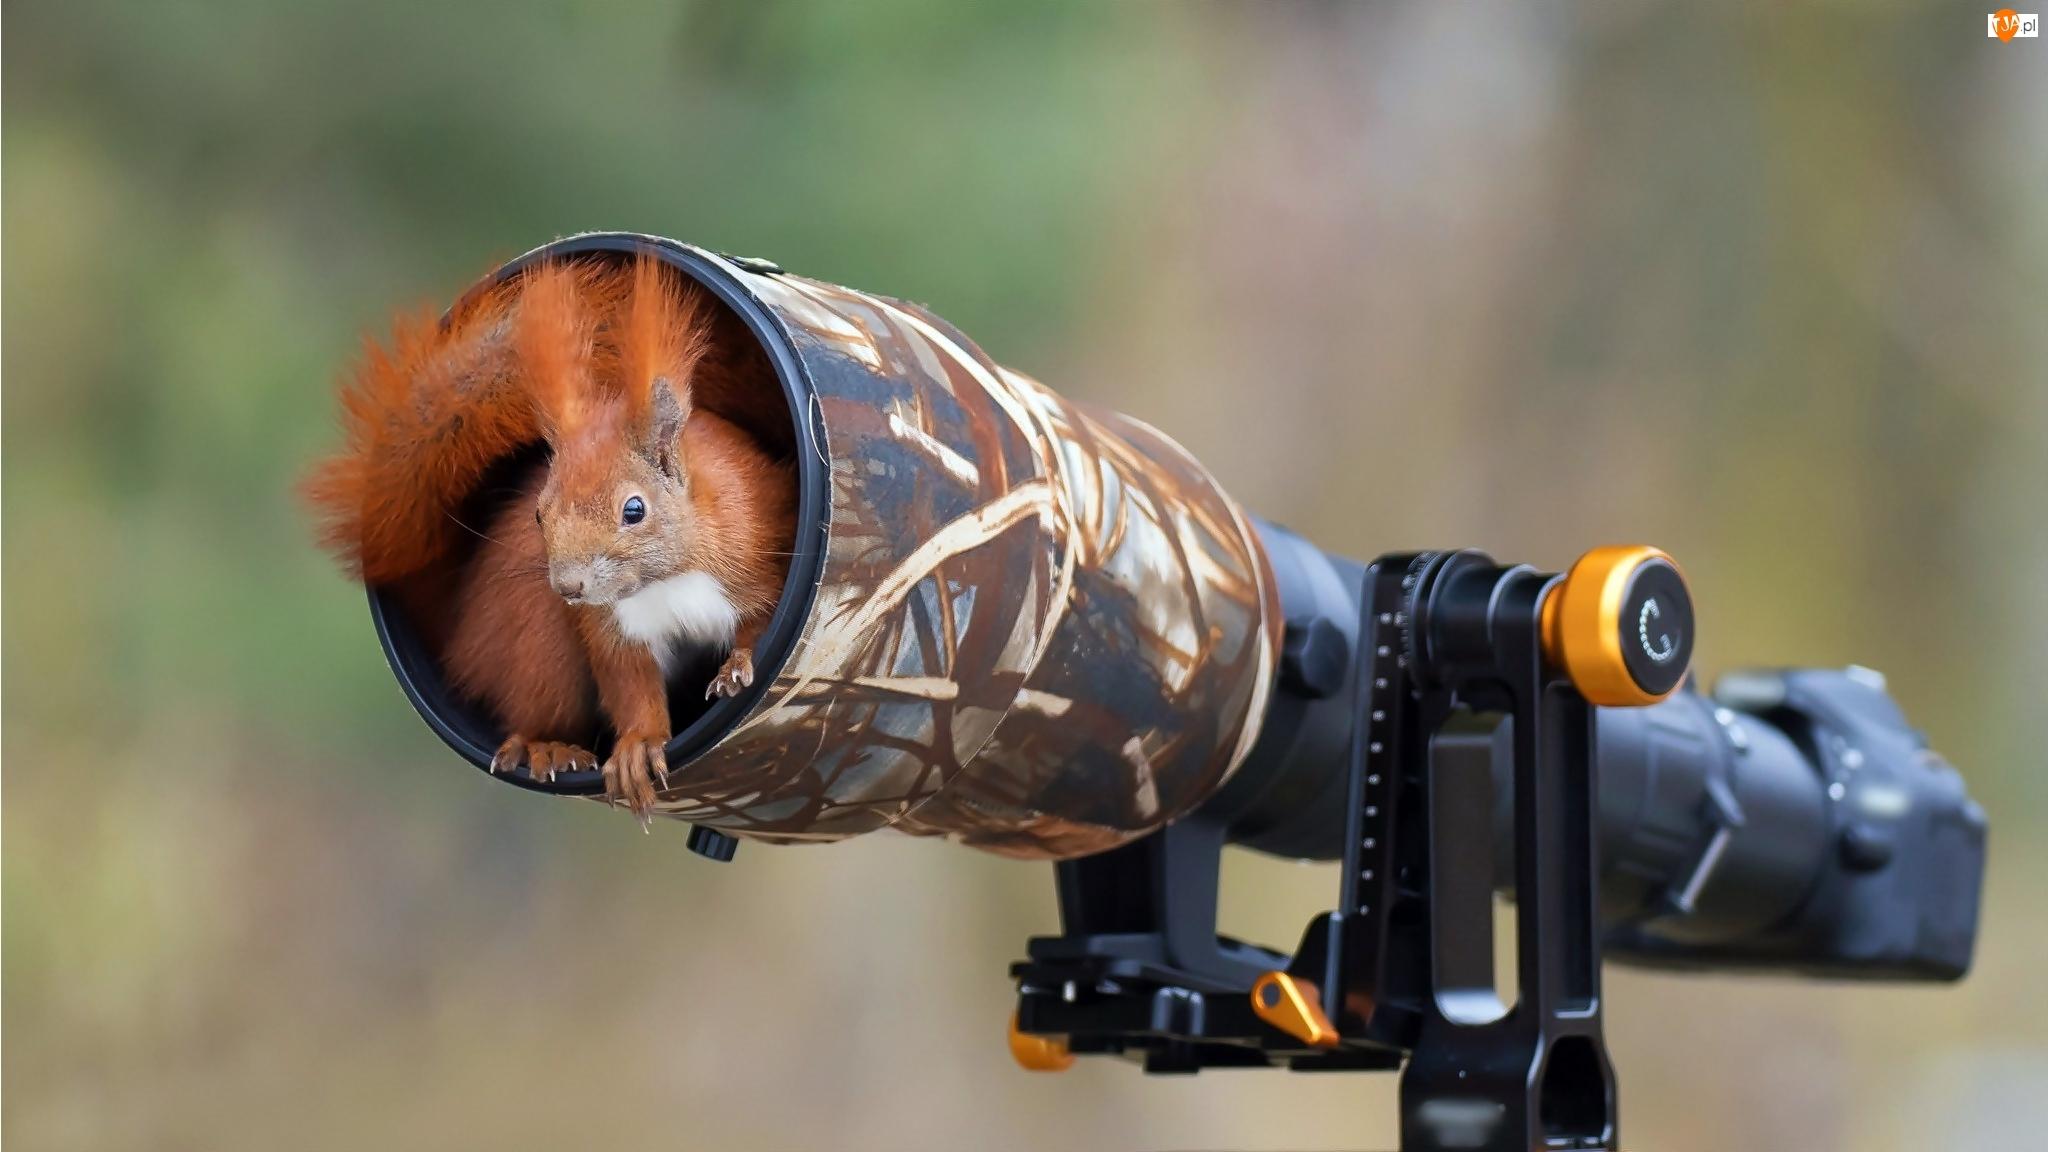 Wiewiórka, Aparat fotograficzny, Schronienie, Obiektyw